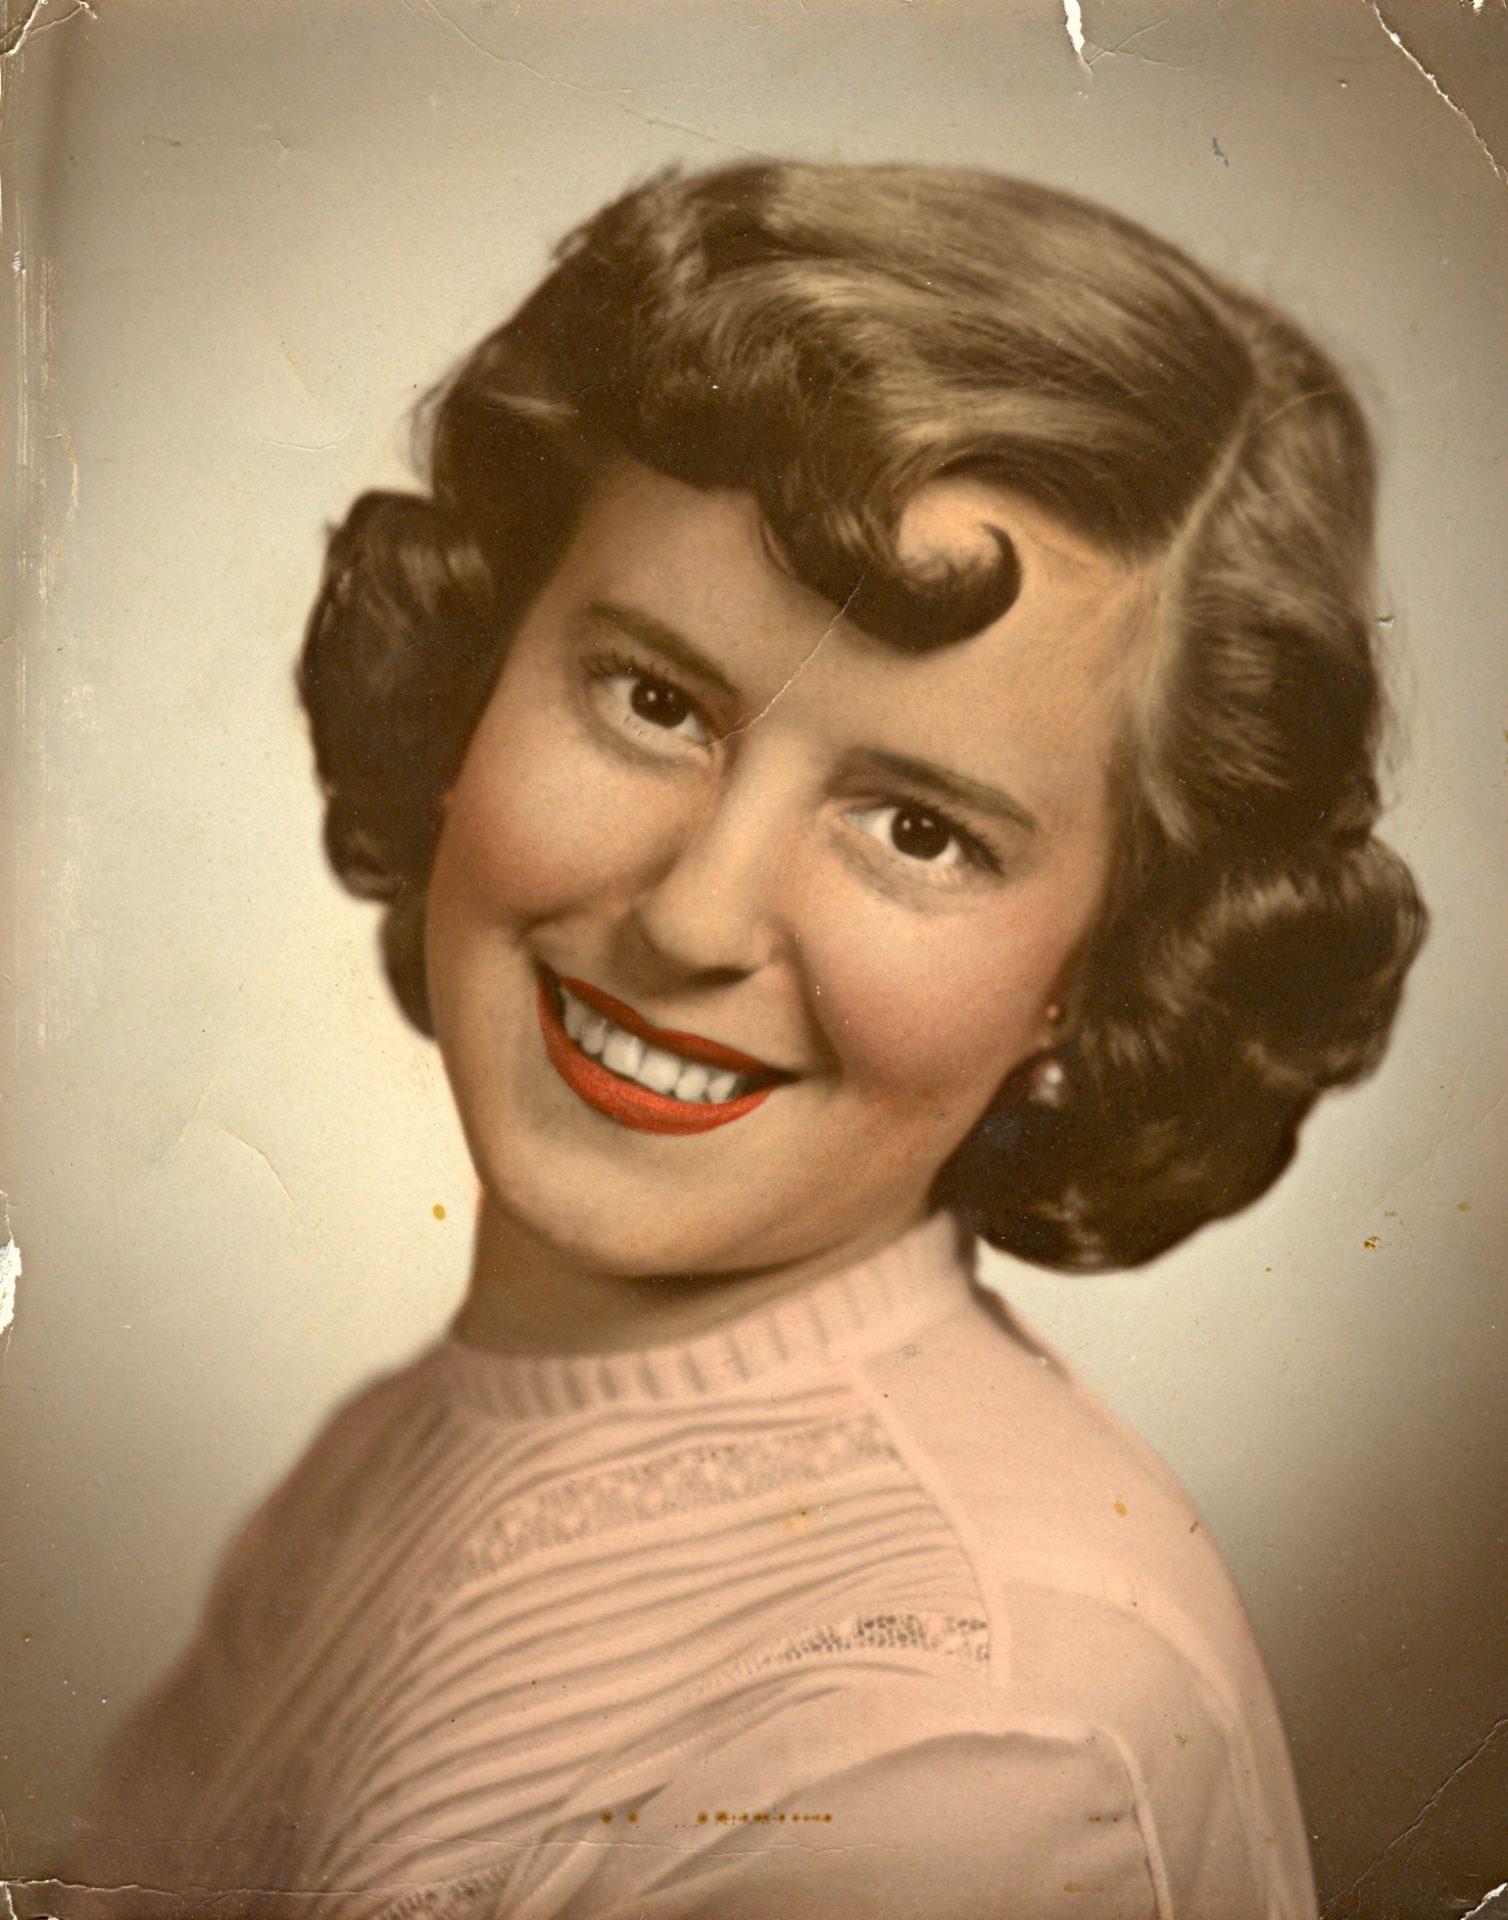 1954 - Engagement Photo